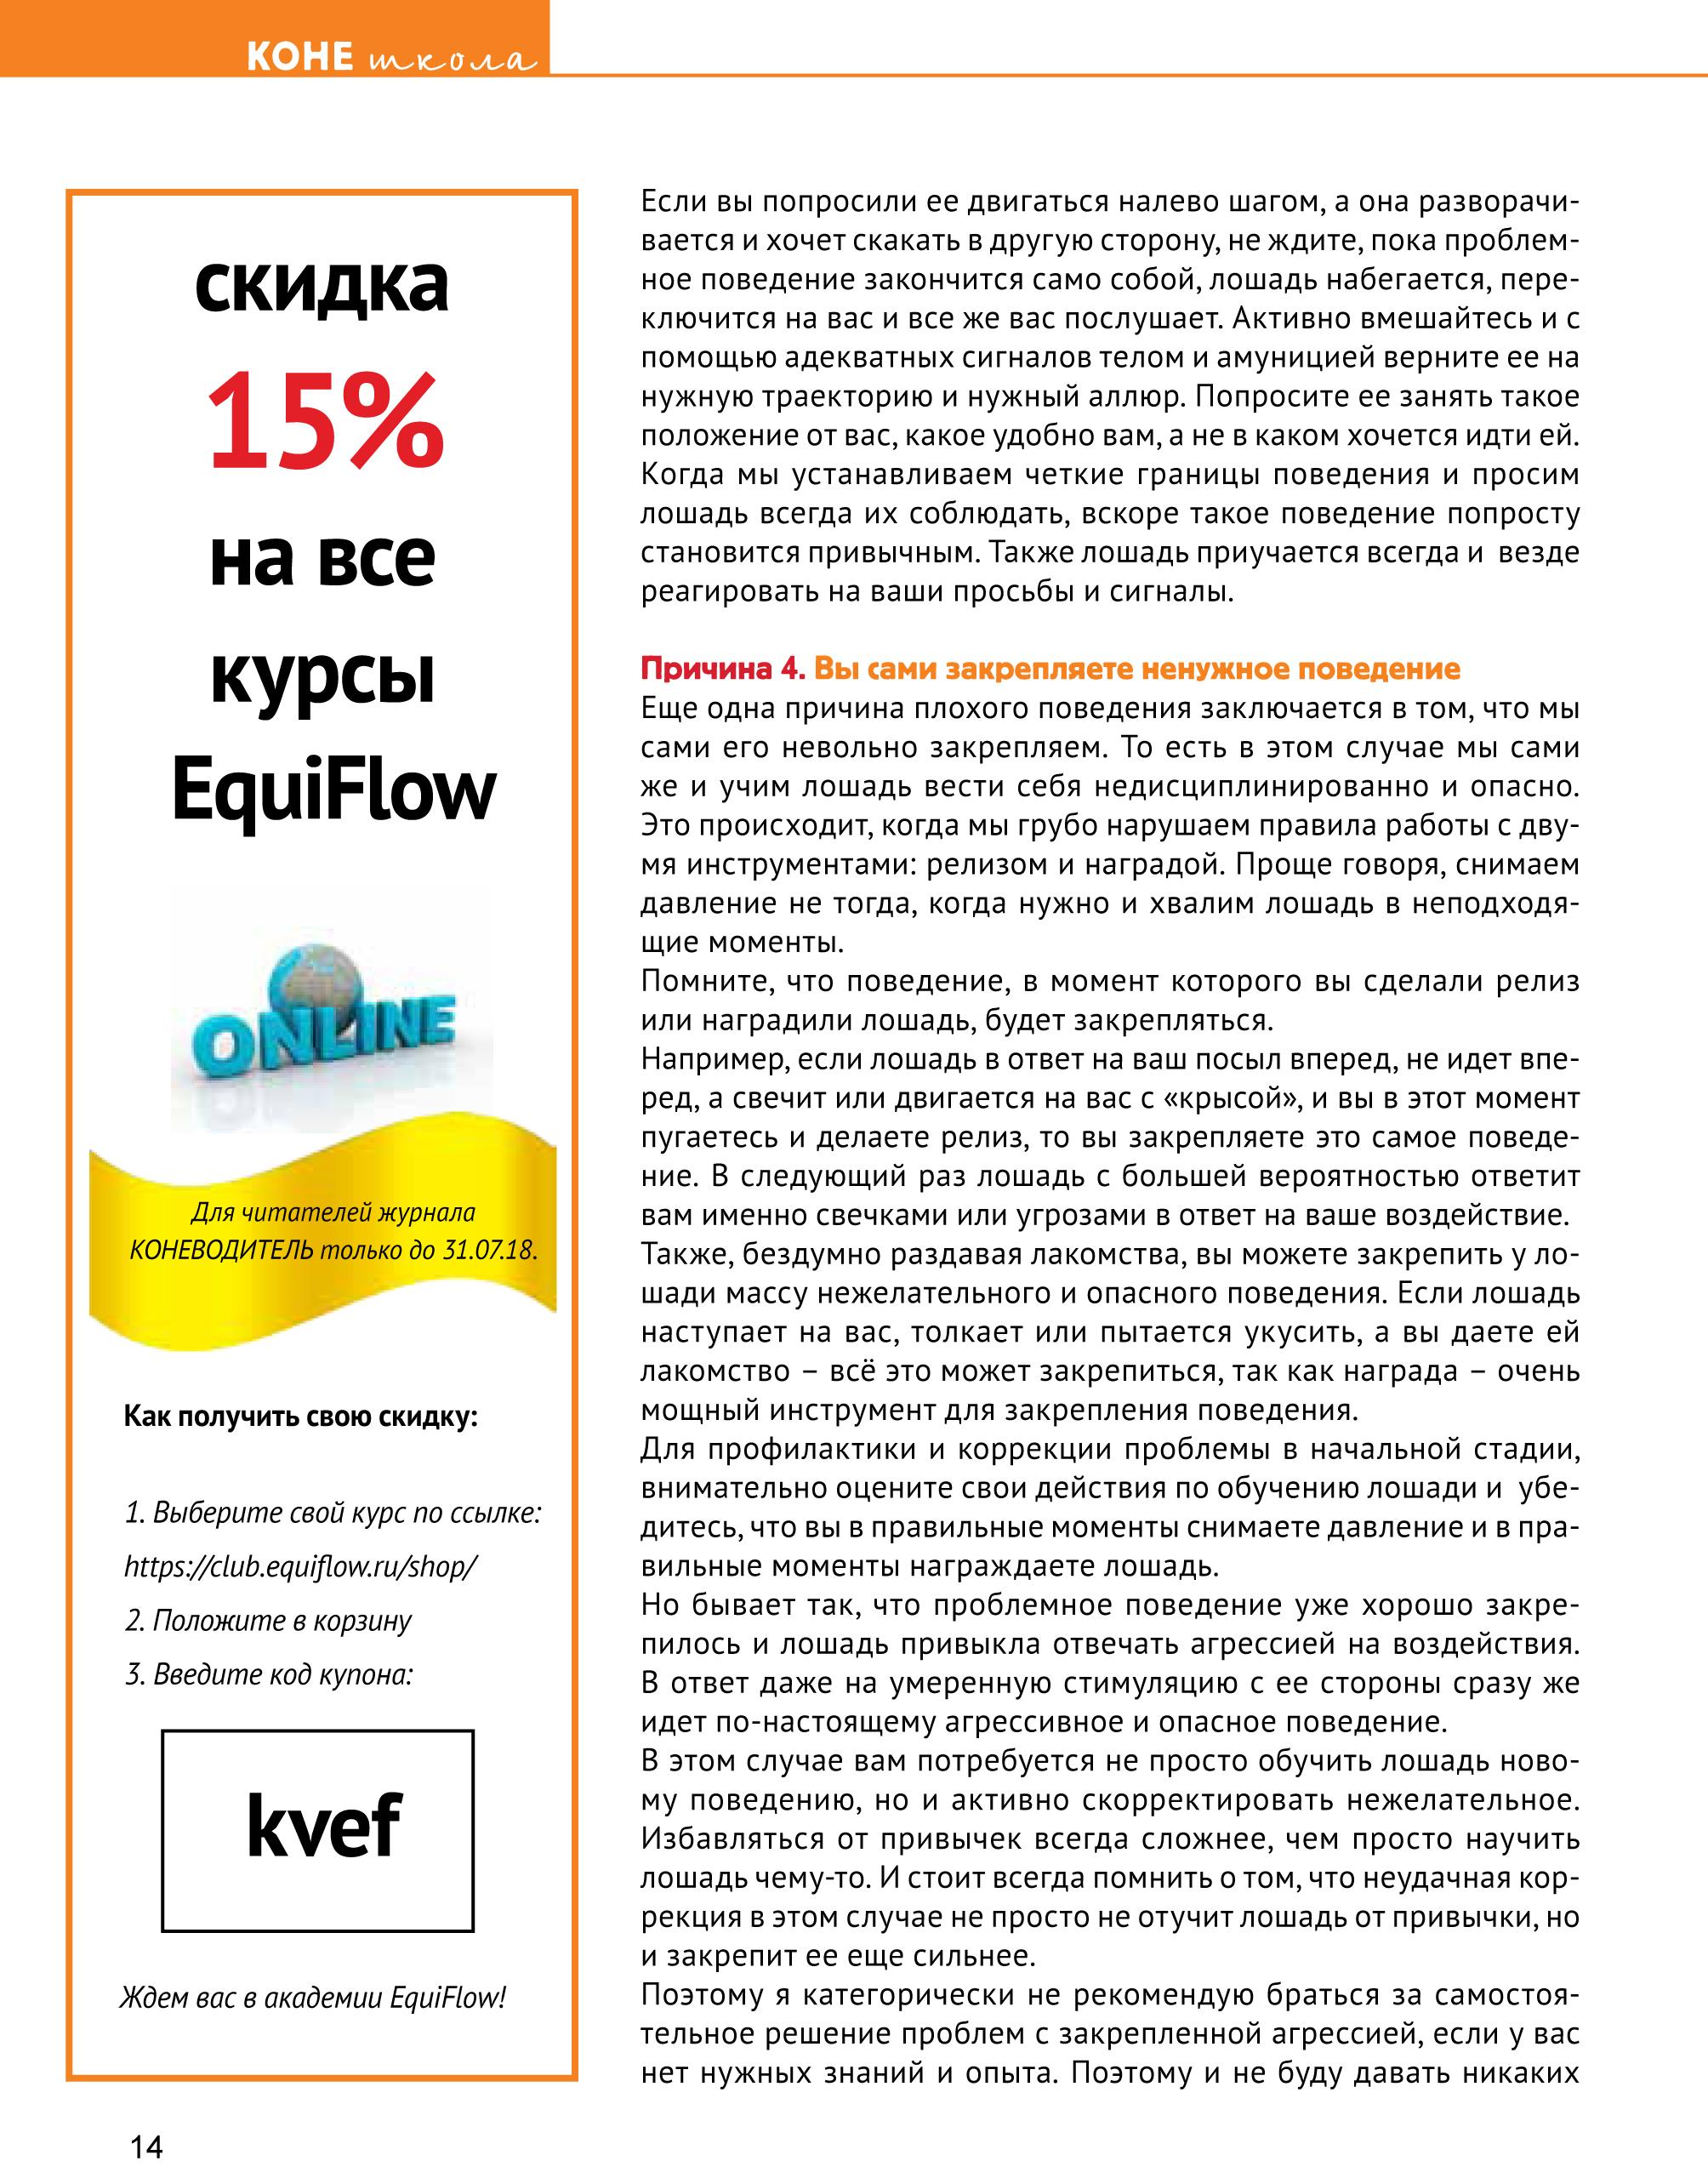 Book КОНЕВОДИТЕЛЬ 4_ proof-14